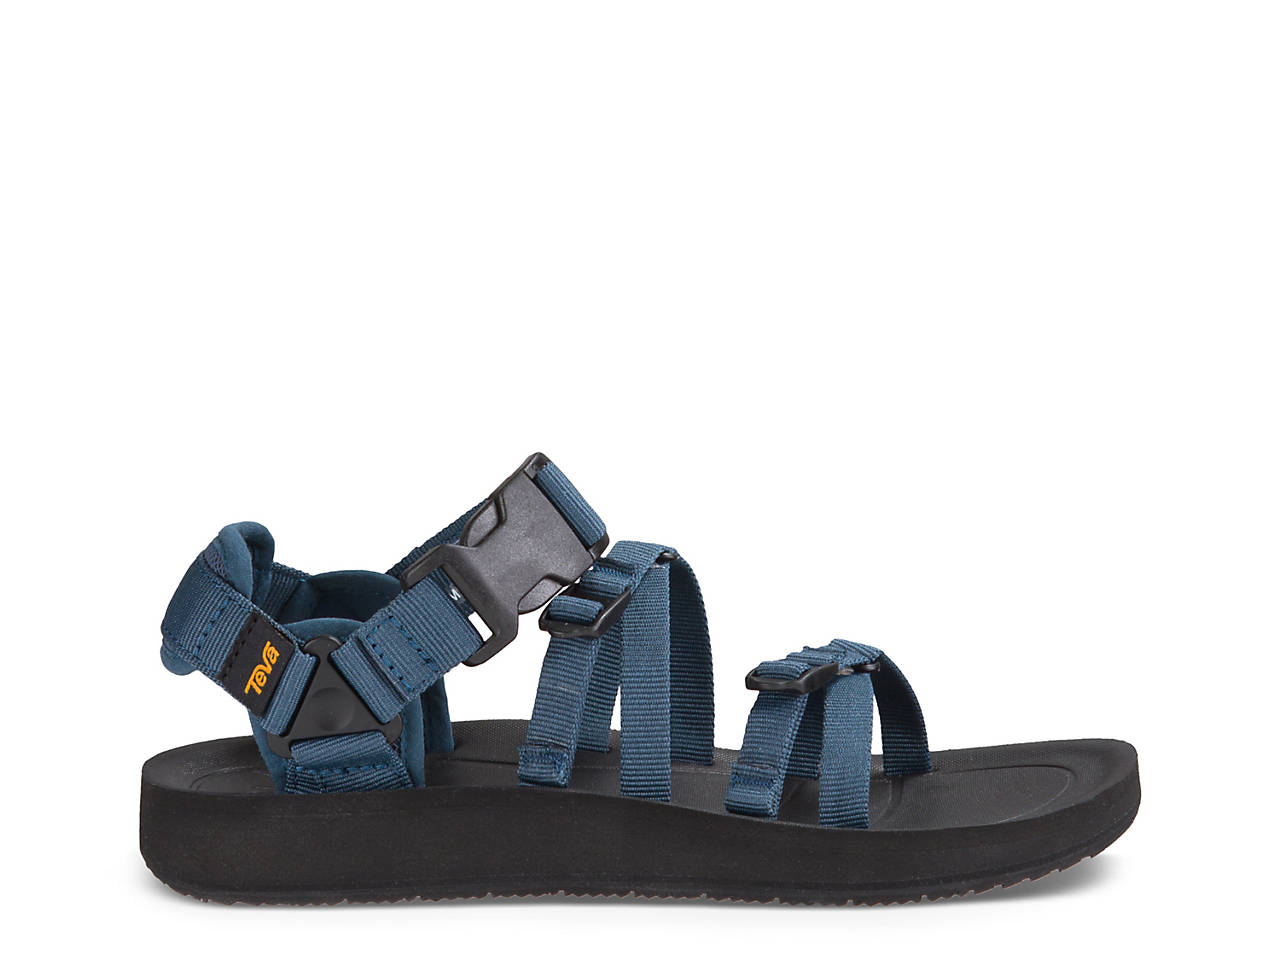 242d75aa0708 Teva Alp Premier Sport Sandal Women s Shoes